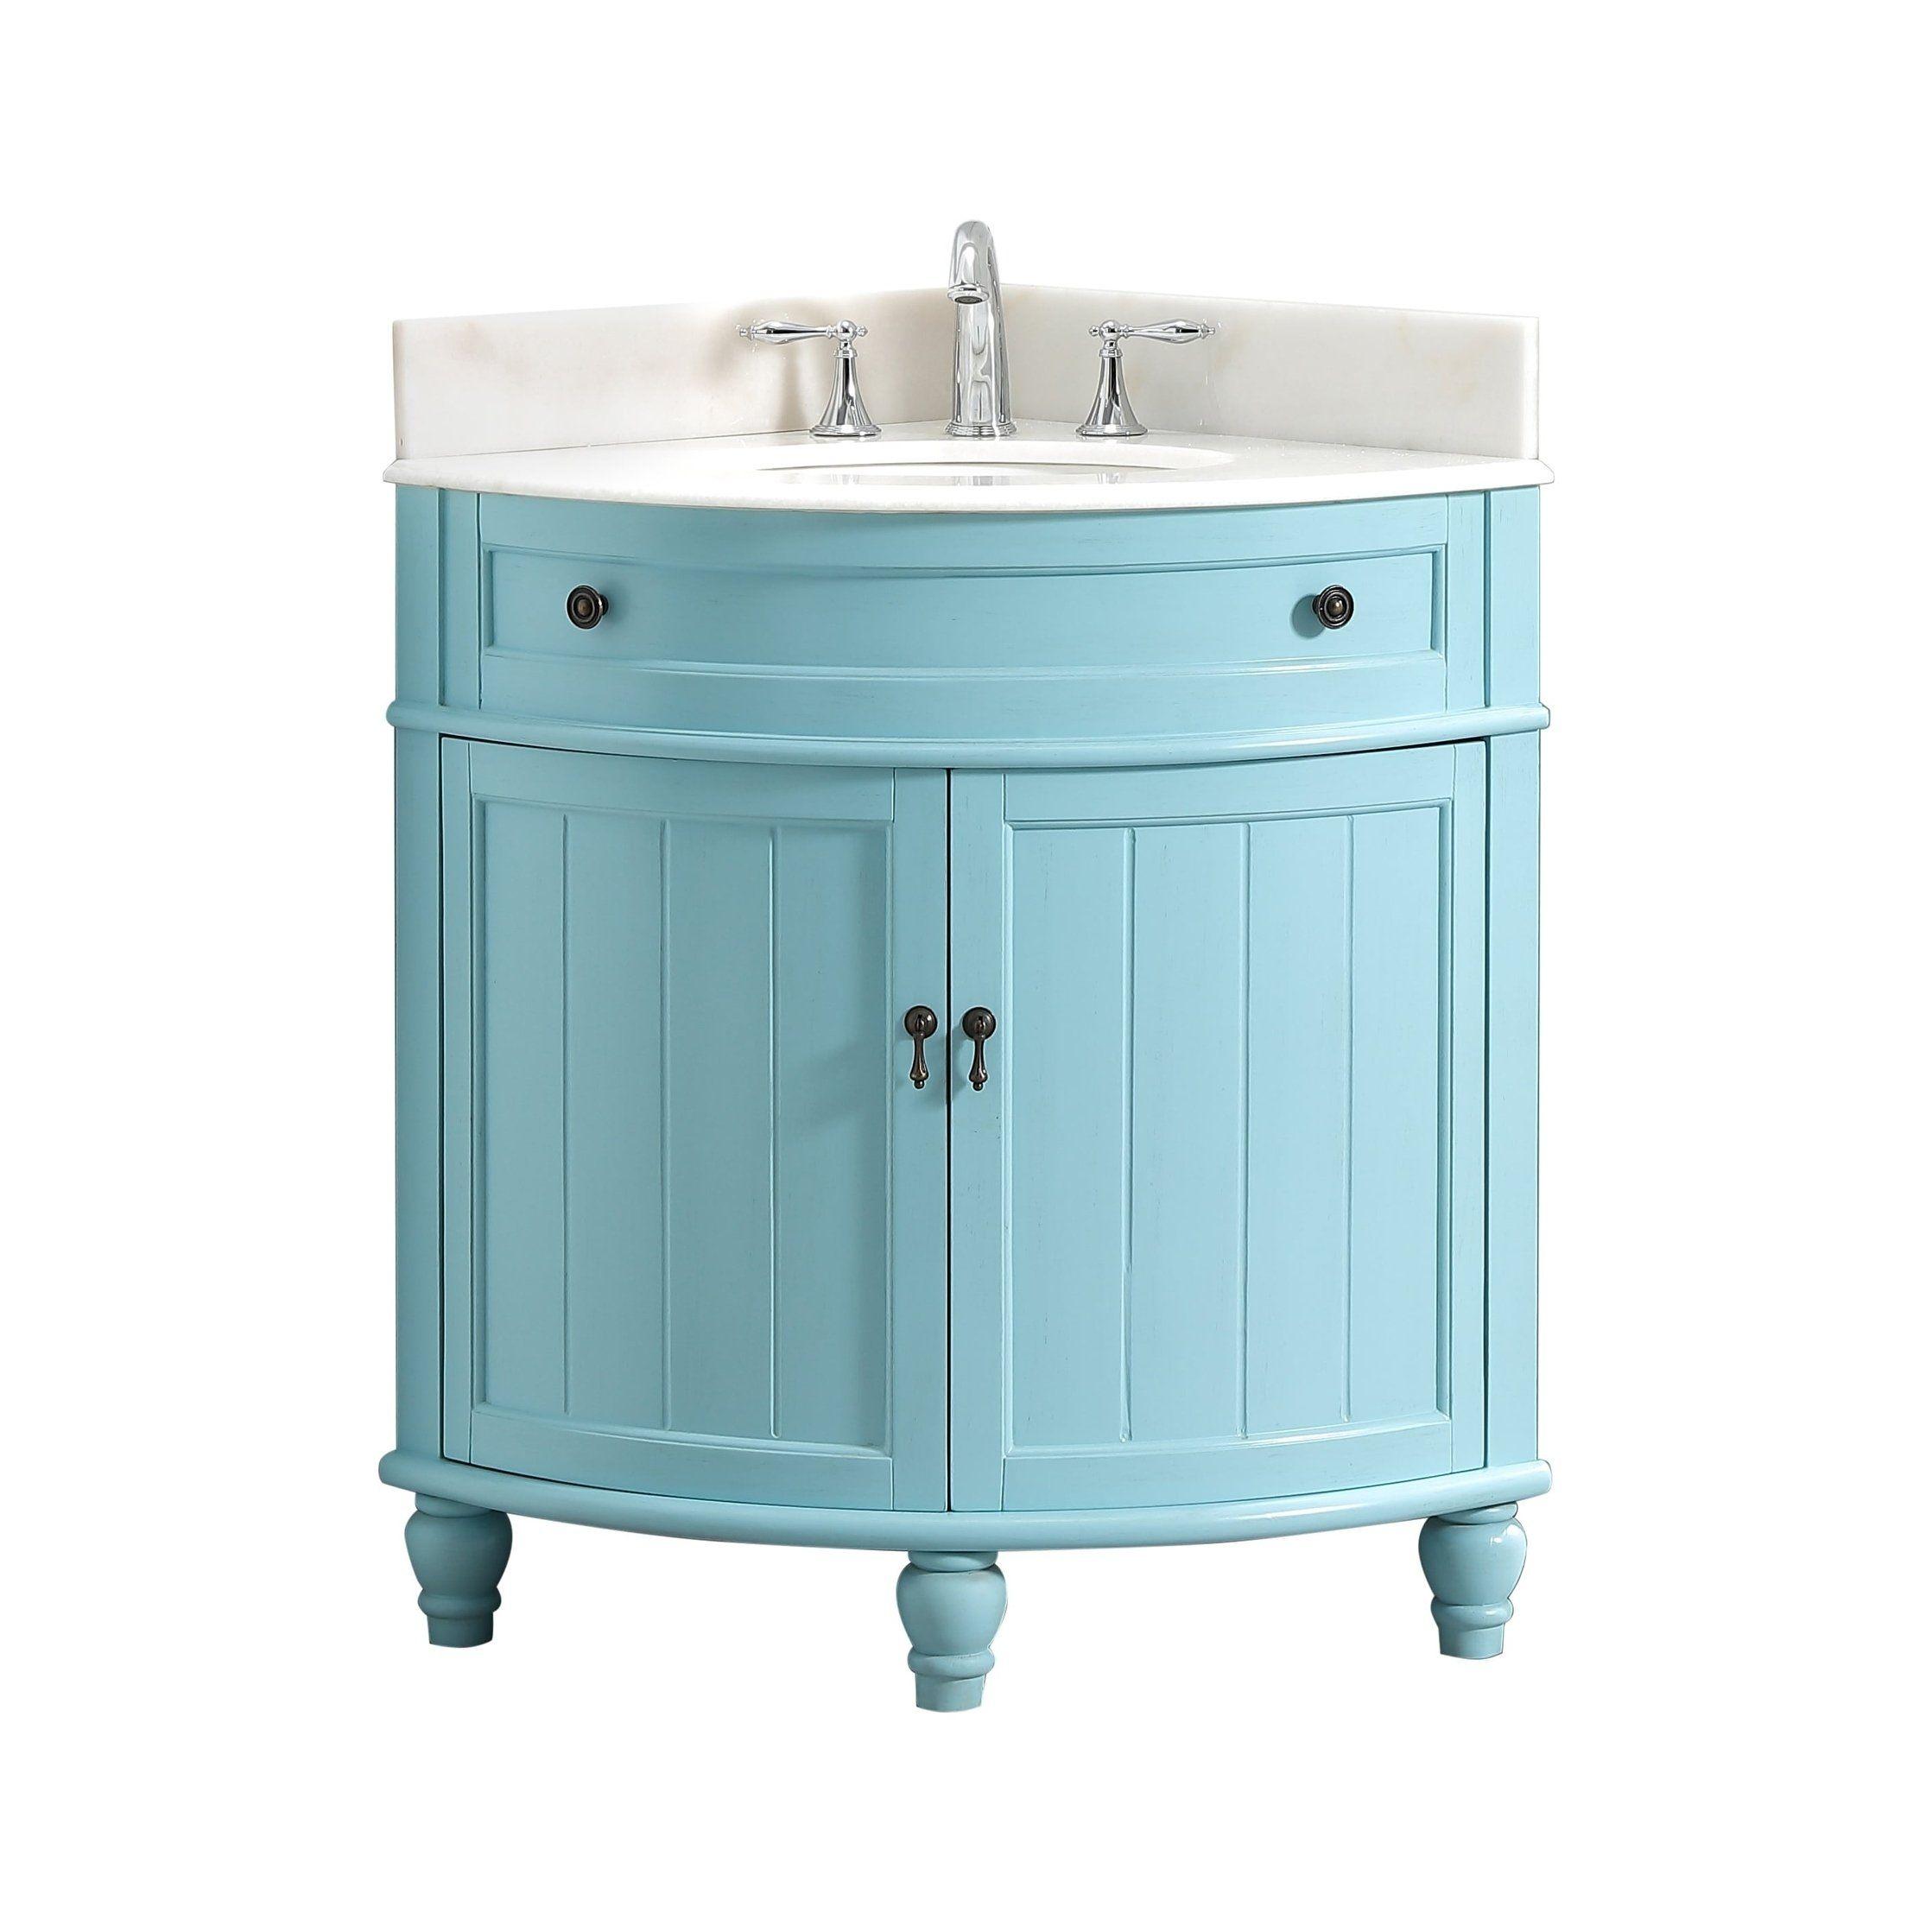 Our Best Bathroom Furniture Deals Marble Vanity Tops Single Sink Bathroom Vanity Small Space Bathroom Vanity [ 2237 x 2237 Pixel ]